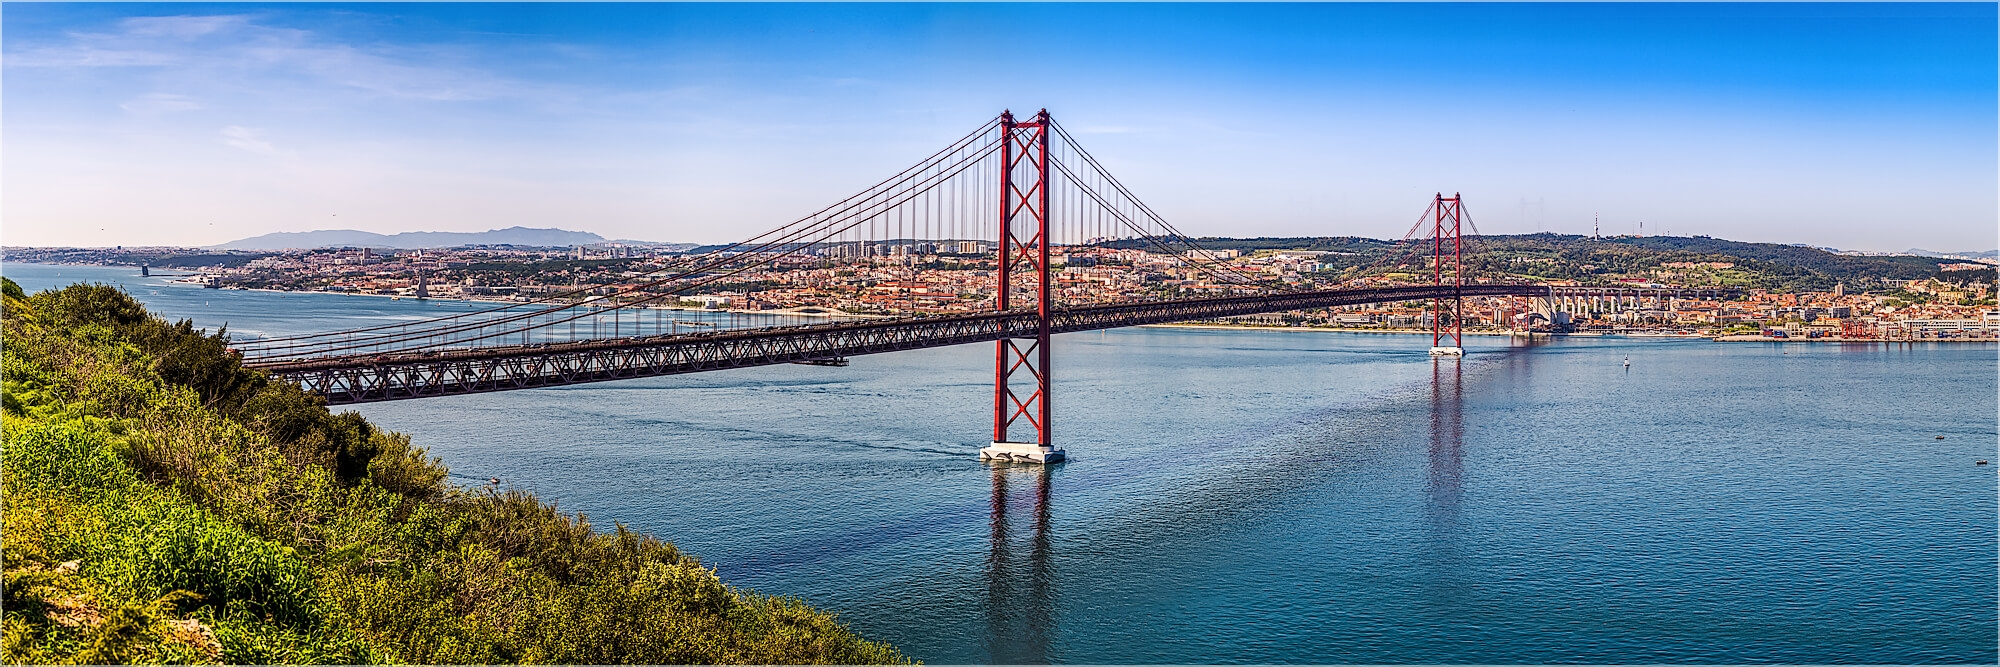 Panoramabild Lissabon Brücke des 25. Abril